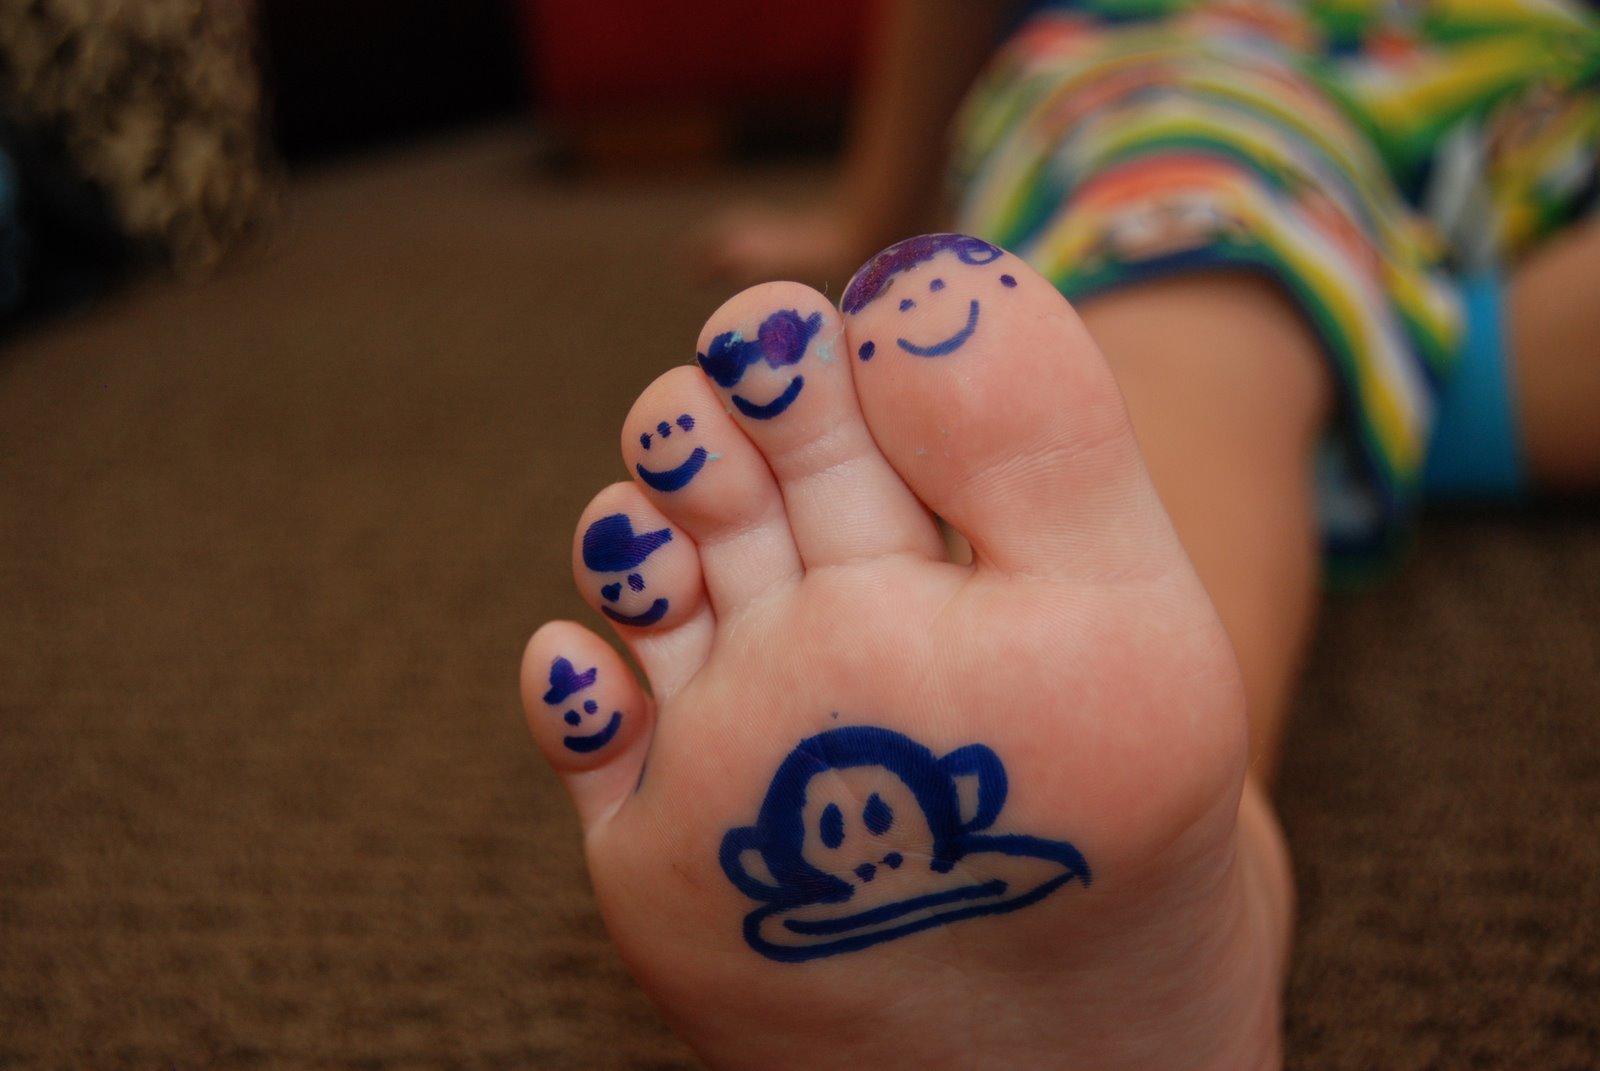 Sams Chubby Feet